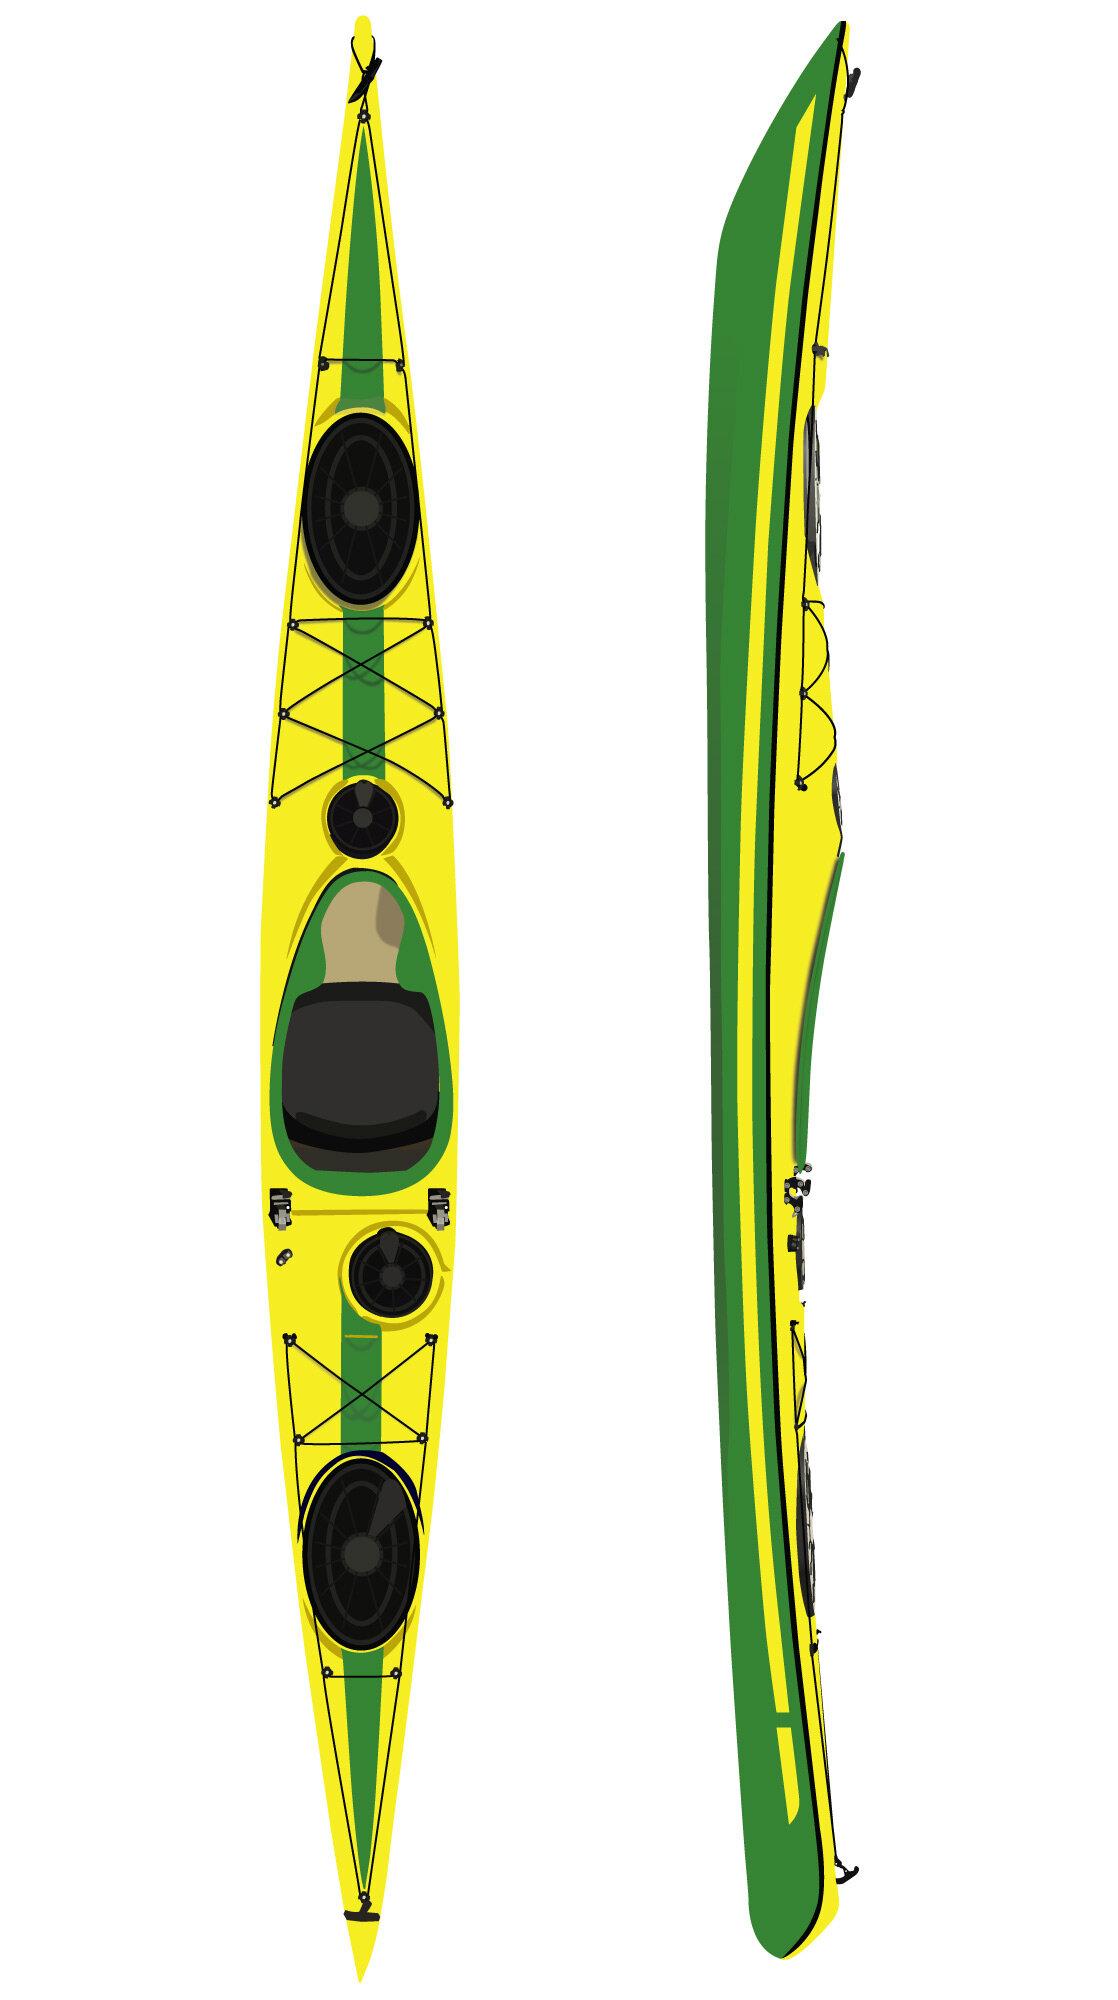 skimkayaks-challenge-beaufort_yellow-green.jpg